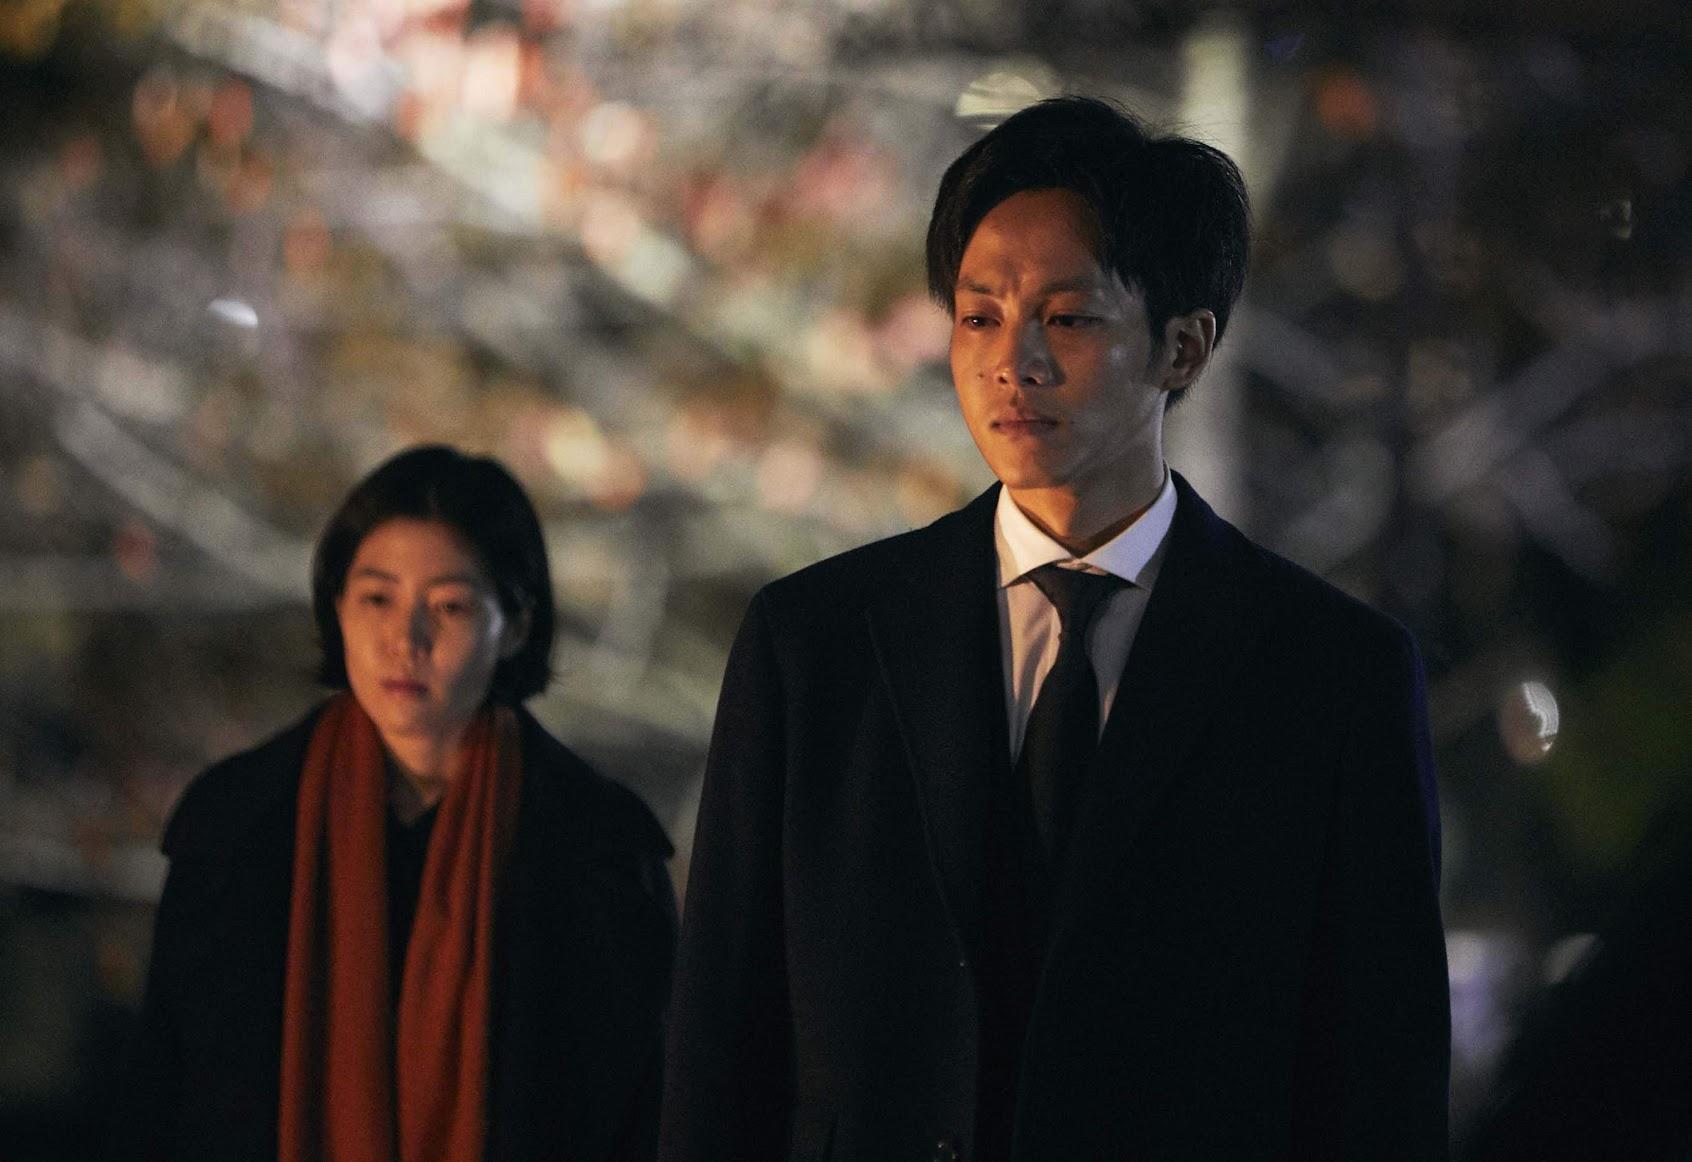 [迷迷影劇] 《 新聞記者 》日韓演技派演員攜手合作 正面對抗國家機器 導演稱和 松坂桃李 心心相印 首次合作默契一百分